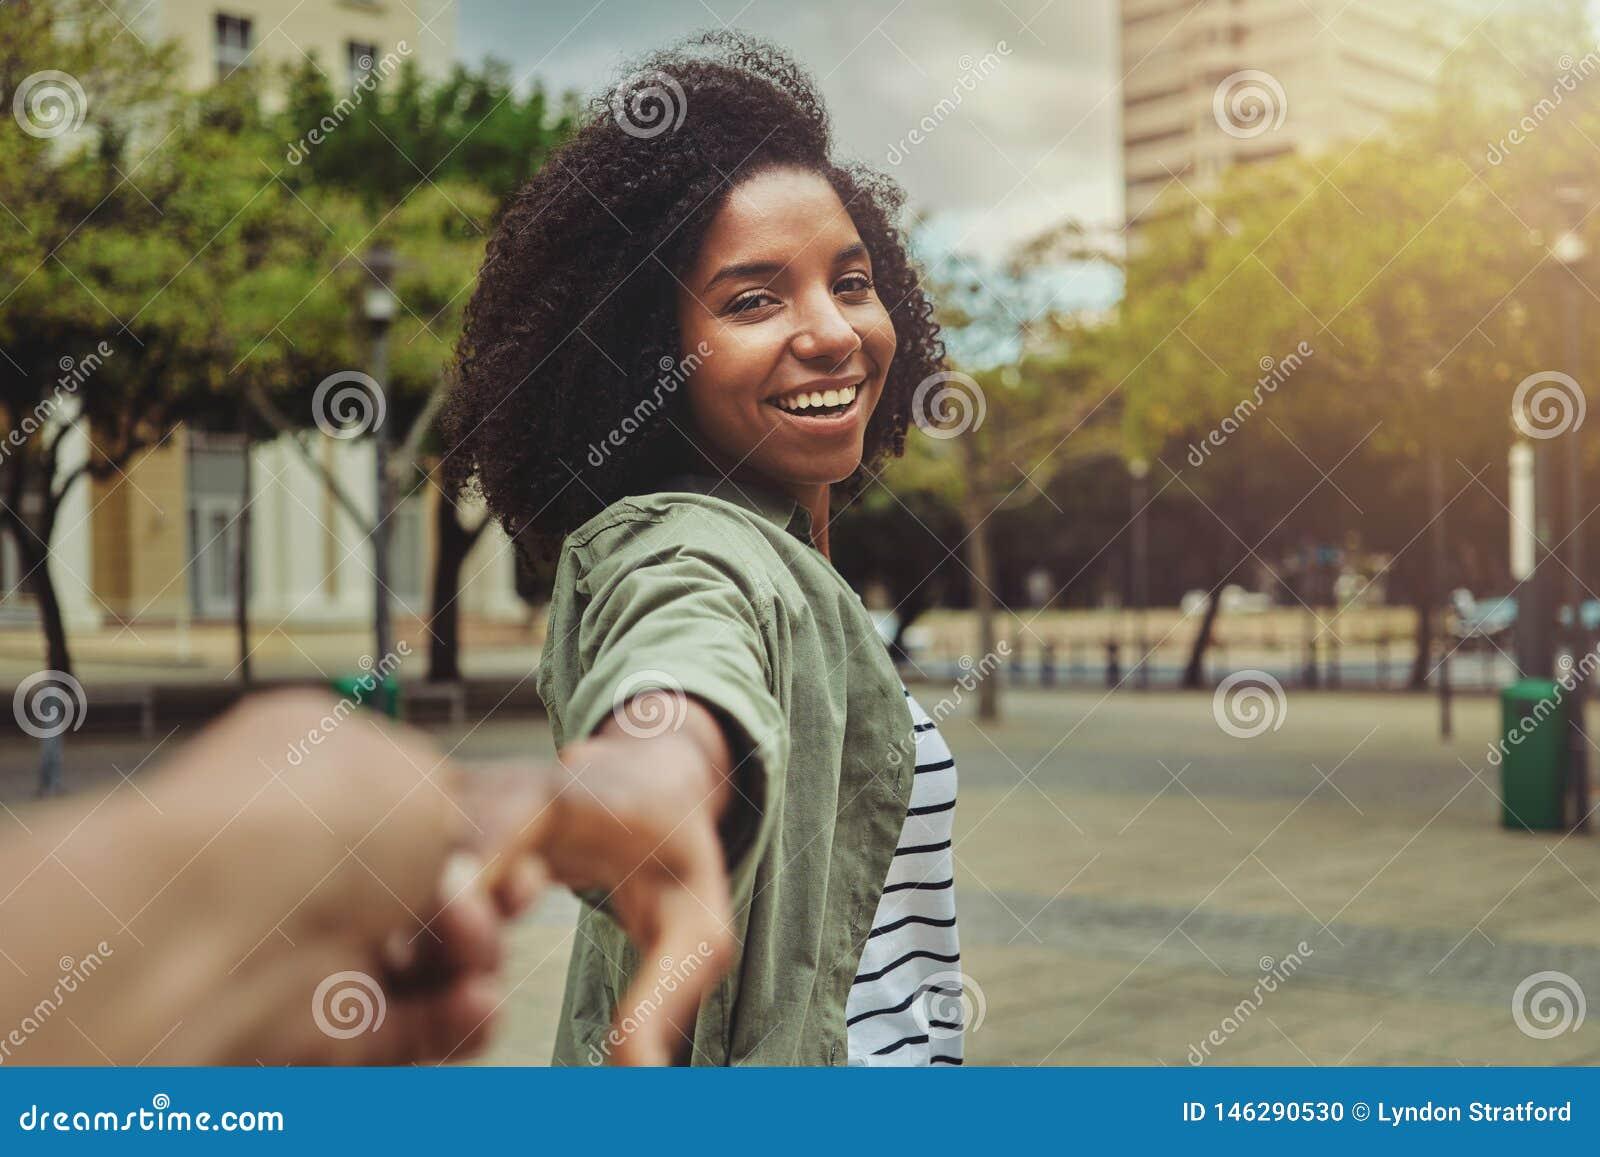 Chłopak podąża jego szczęśliwej dziewczyny w mieście